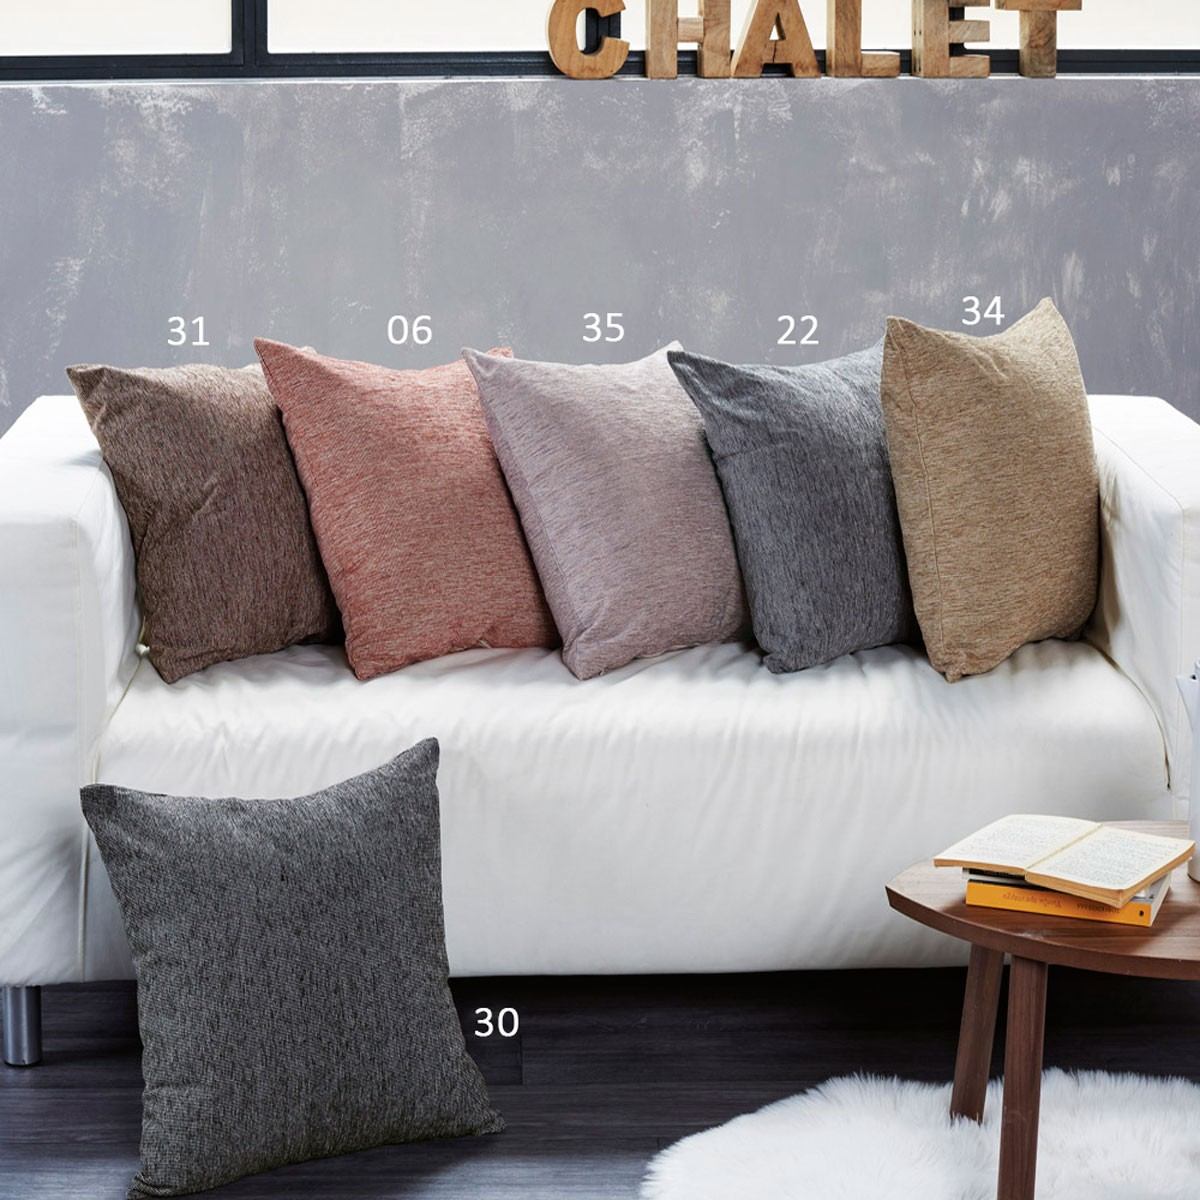 Διακοσμητική Μαξιλαροθήκη Kentia Home Made Trends